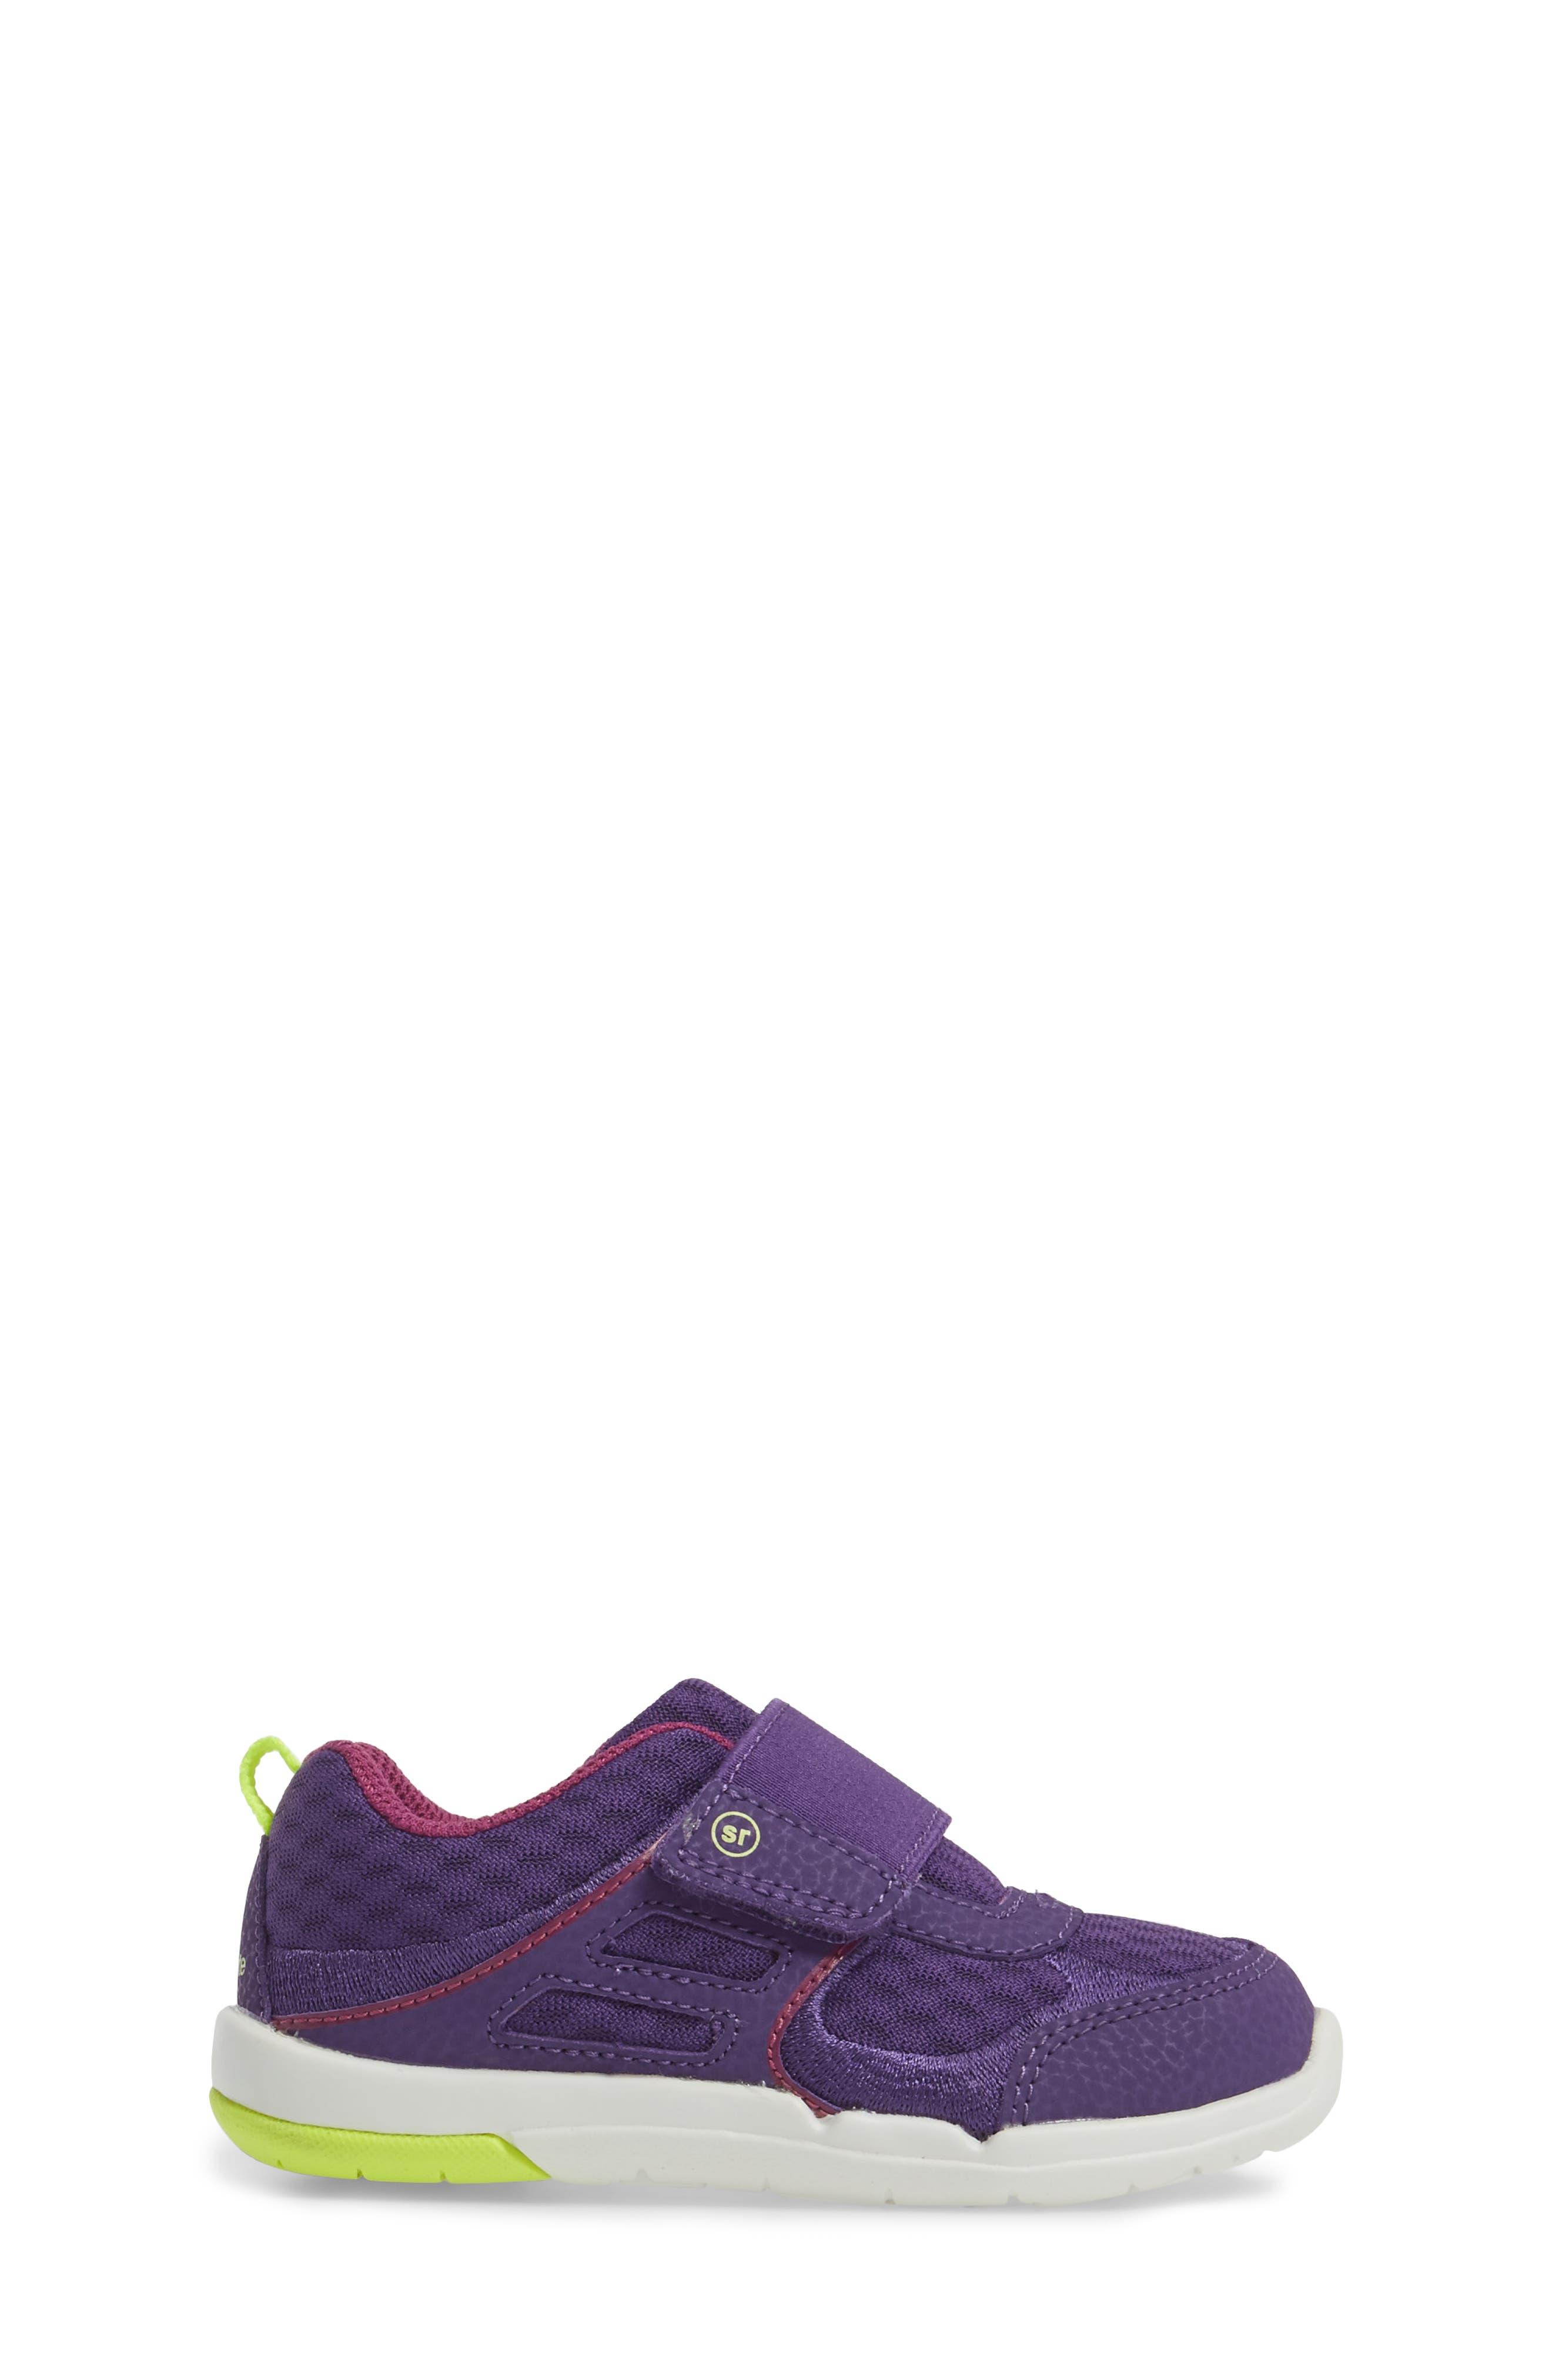 Casey Sneaker,                             Alternate thumbnail 3, color,                             500